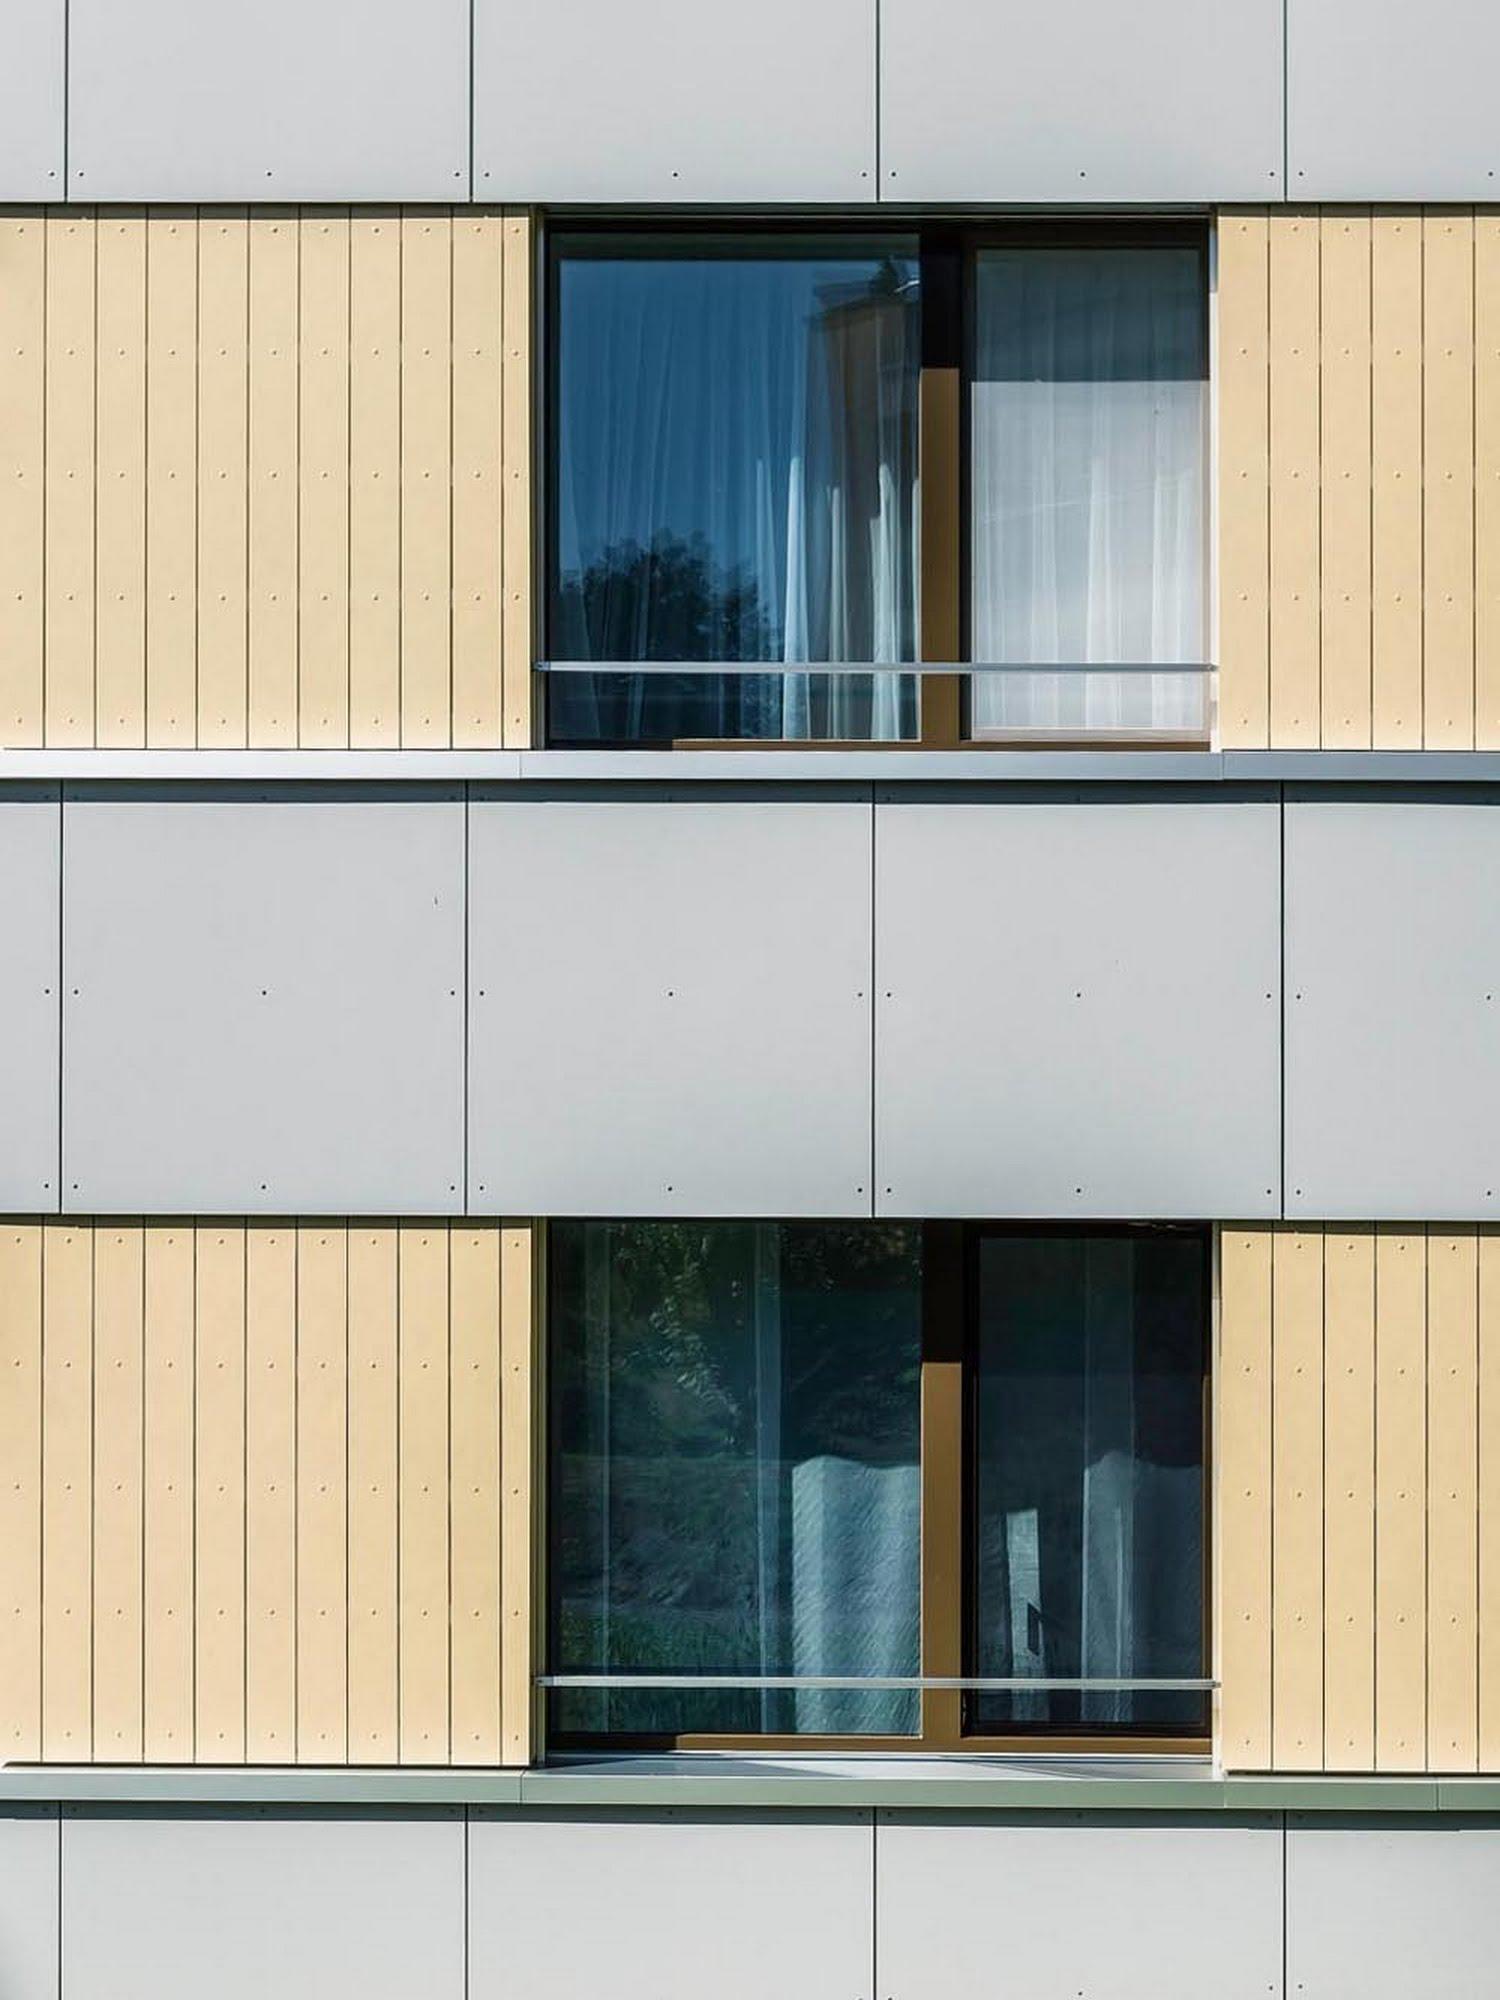 Wohnen MFH Wohnüberbauung Freiehof in Ruswil Architektur,Wohnungsbau,Wohnhäuser,Einfamilienhäuser,Mehrfamilienhäuser